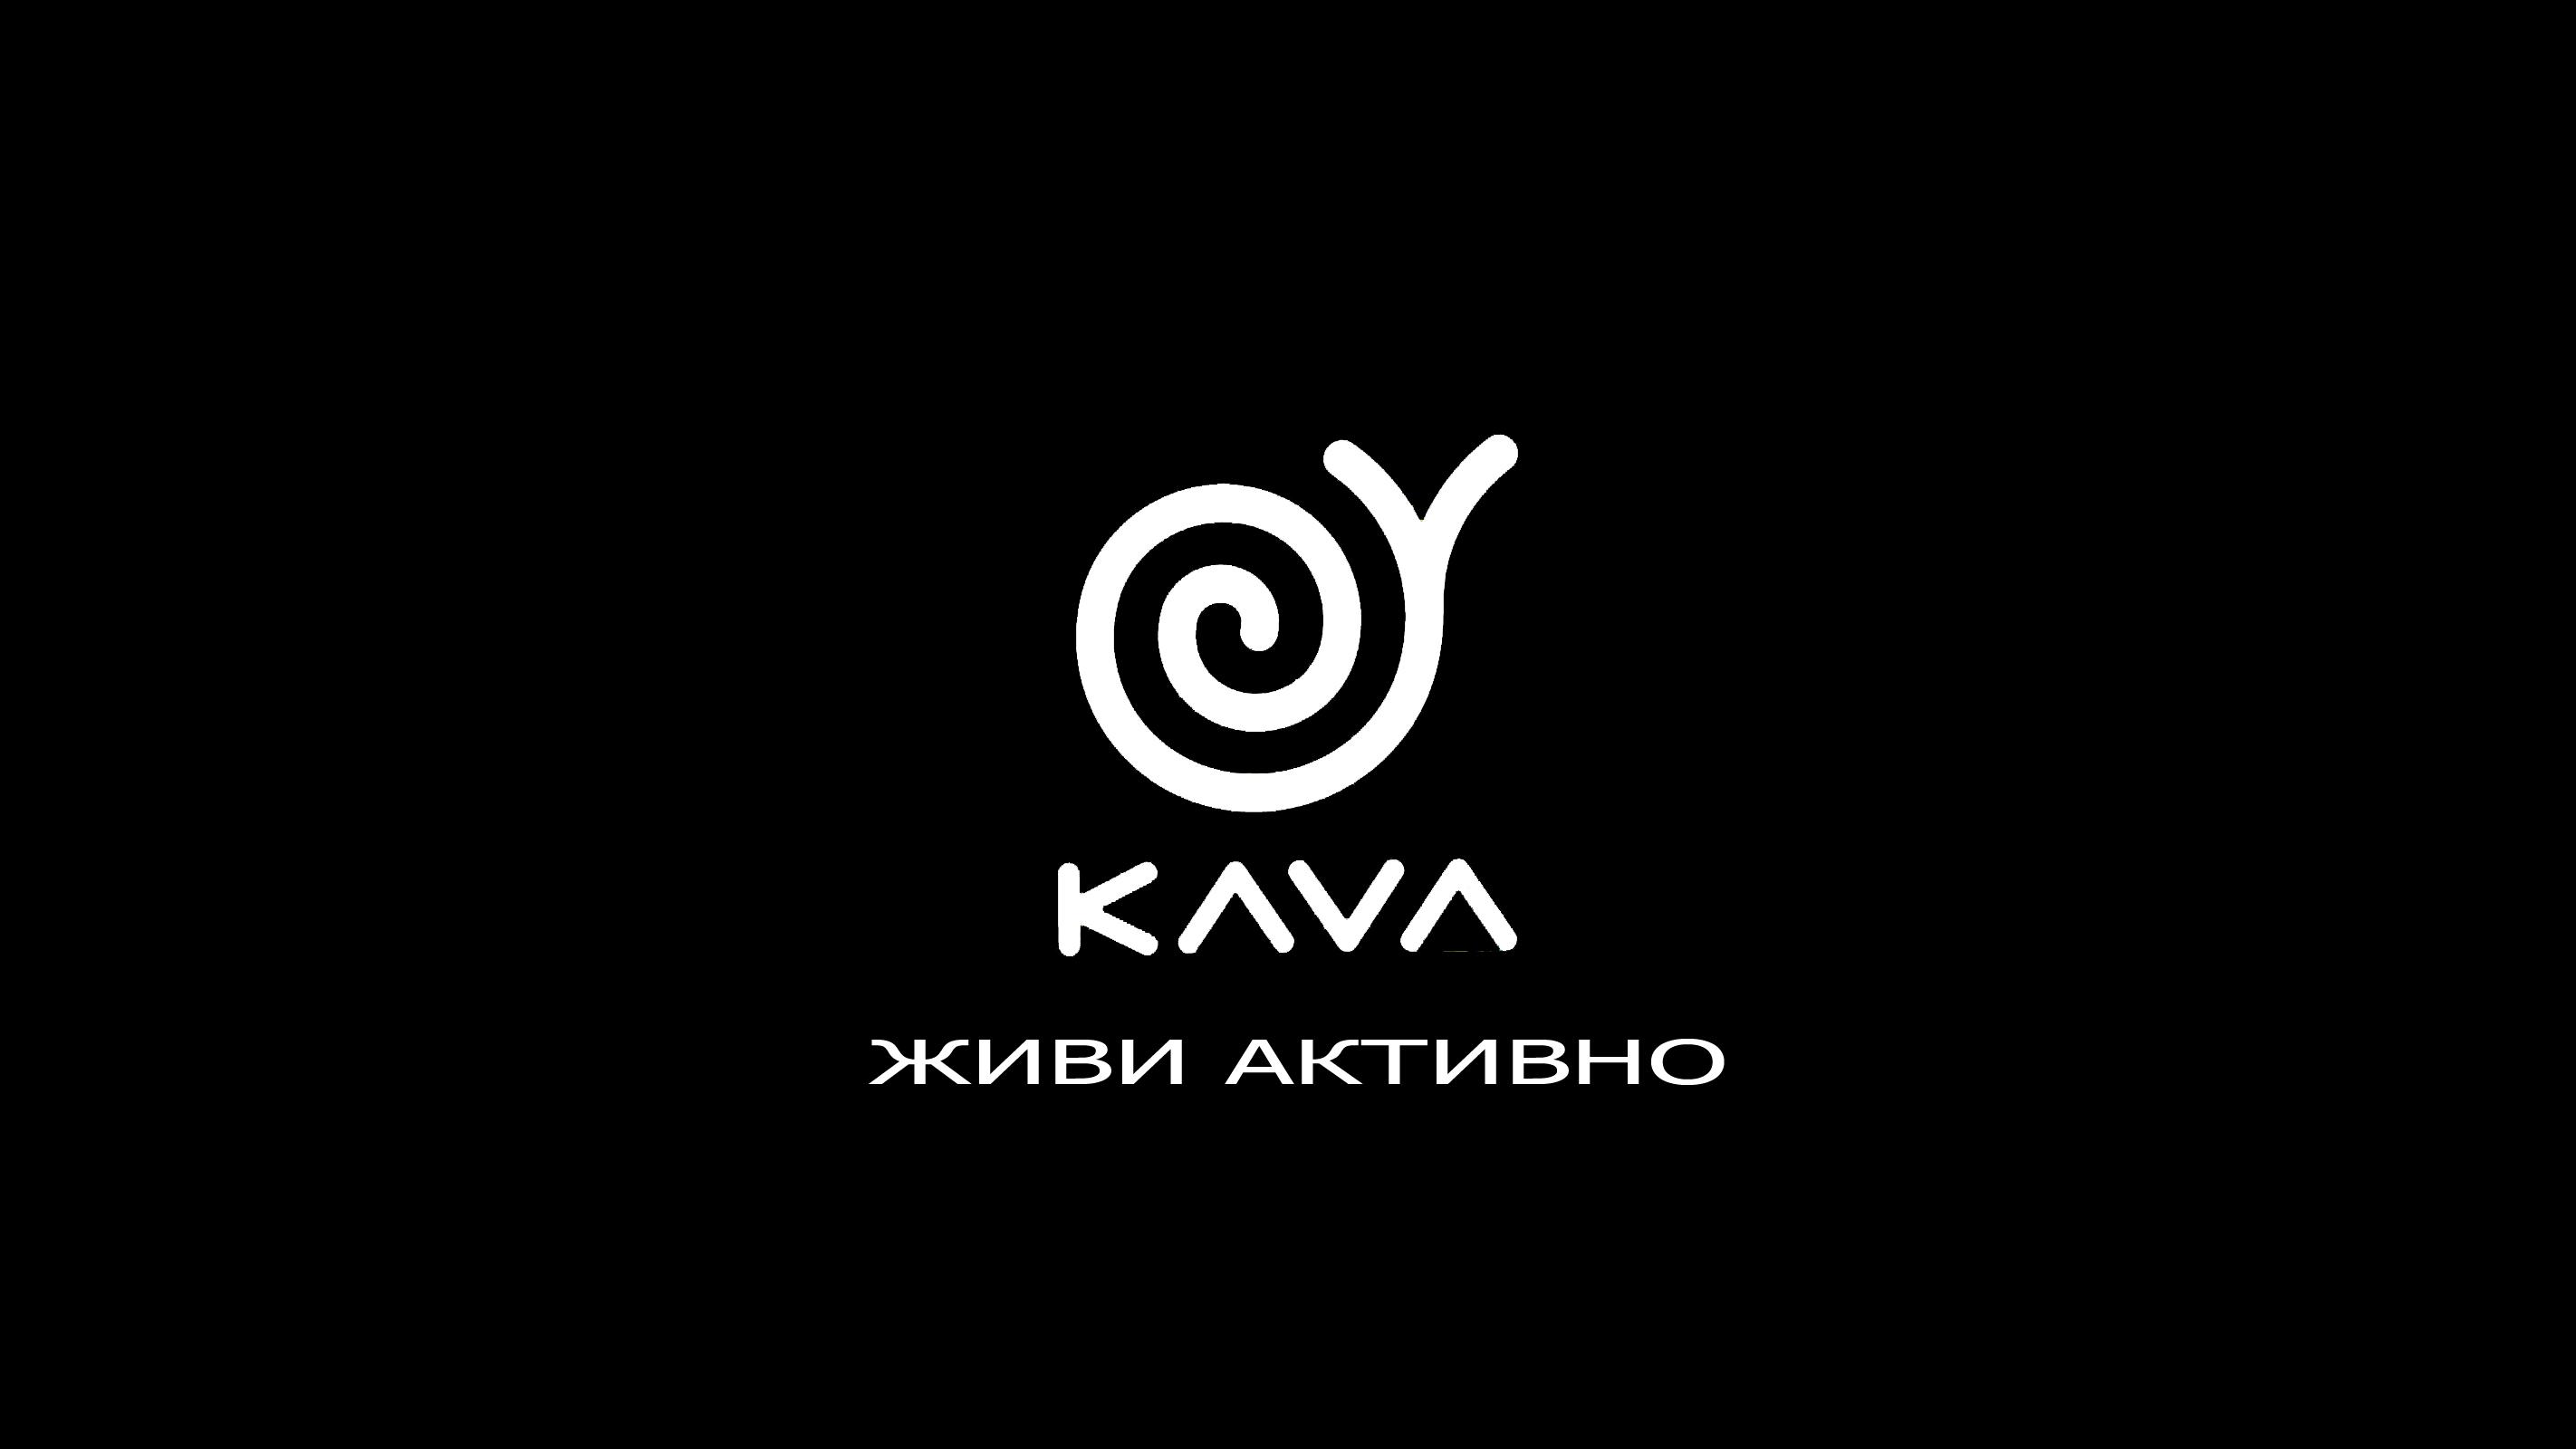 KAVA Дніпро - промо відео №2 активного відпочинку та екстриму від КАВА